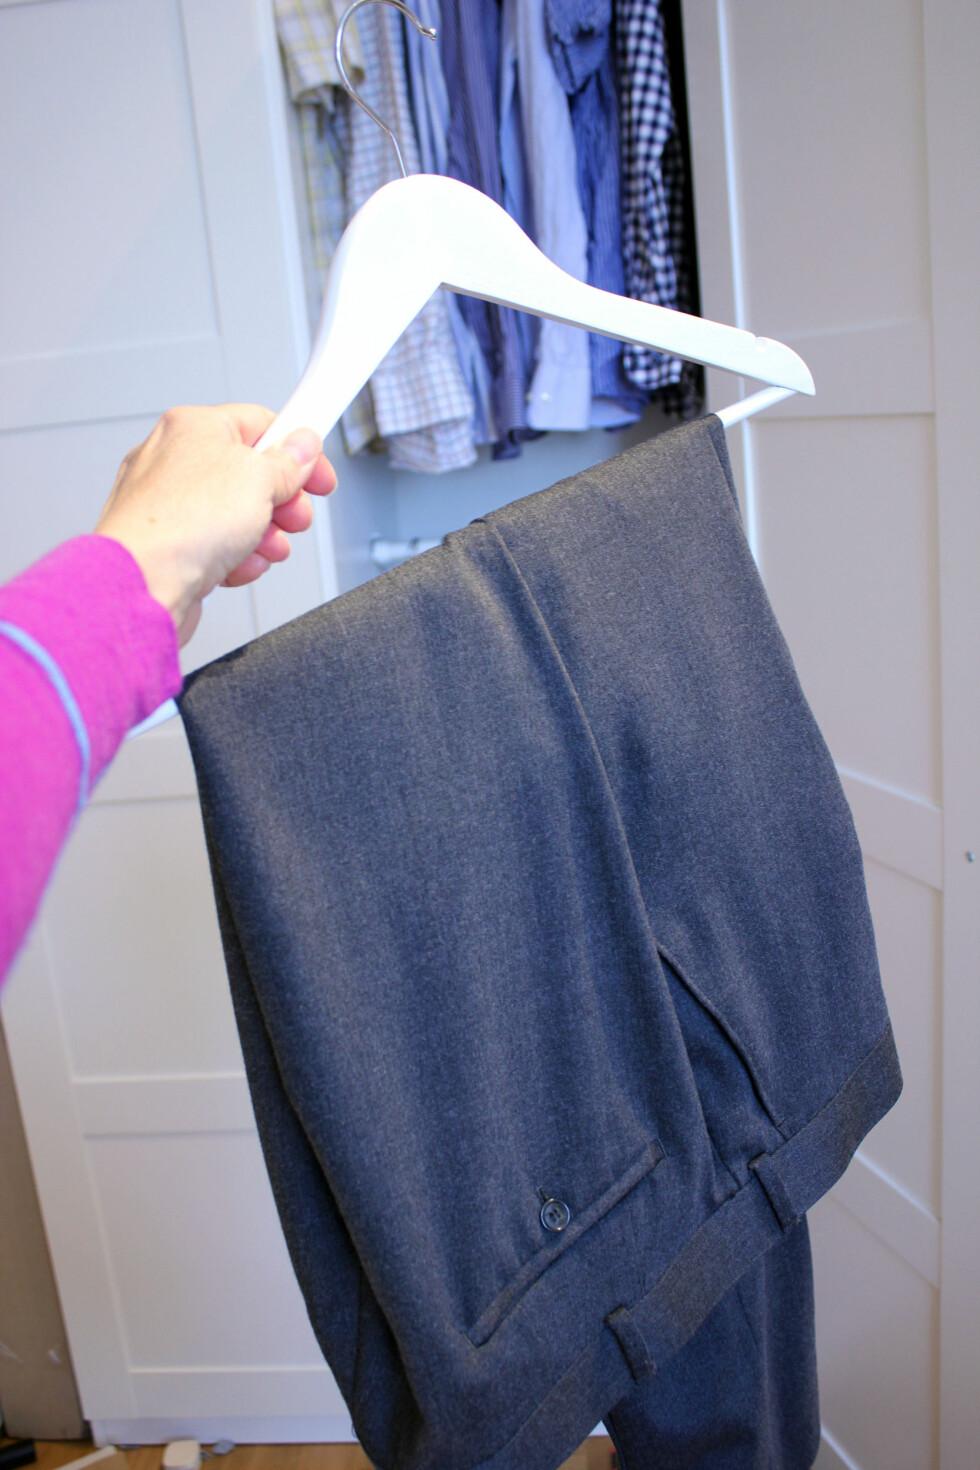 NEI, IKKE SLIK: Dressbuksene bør ikke henge brettet slik, men på en egen buksehenger slik at buksen henger en hel lengde. Festes nederst på bena med klyper, ifølge dresseksperten hos Ferner Jacobsen. Foto: KRISTIN SØRDAL